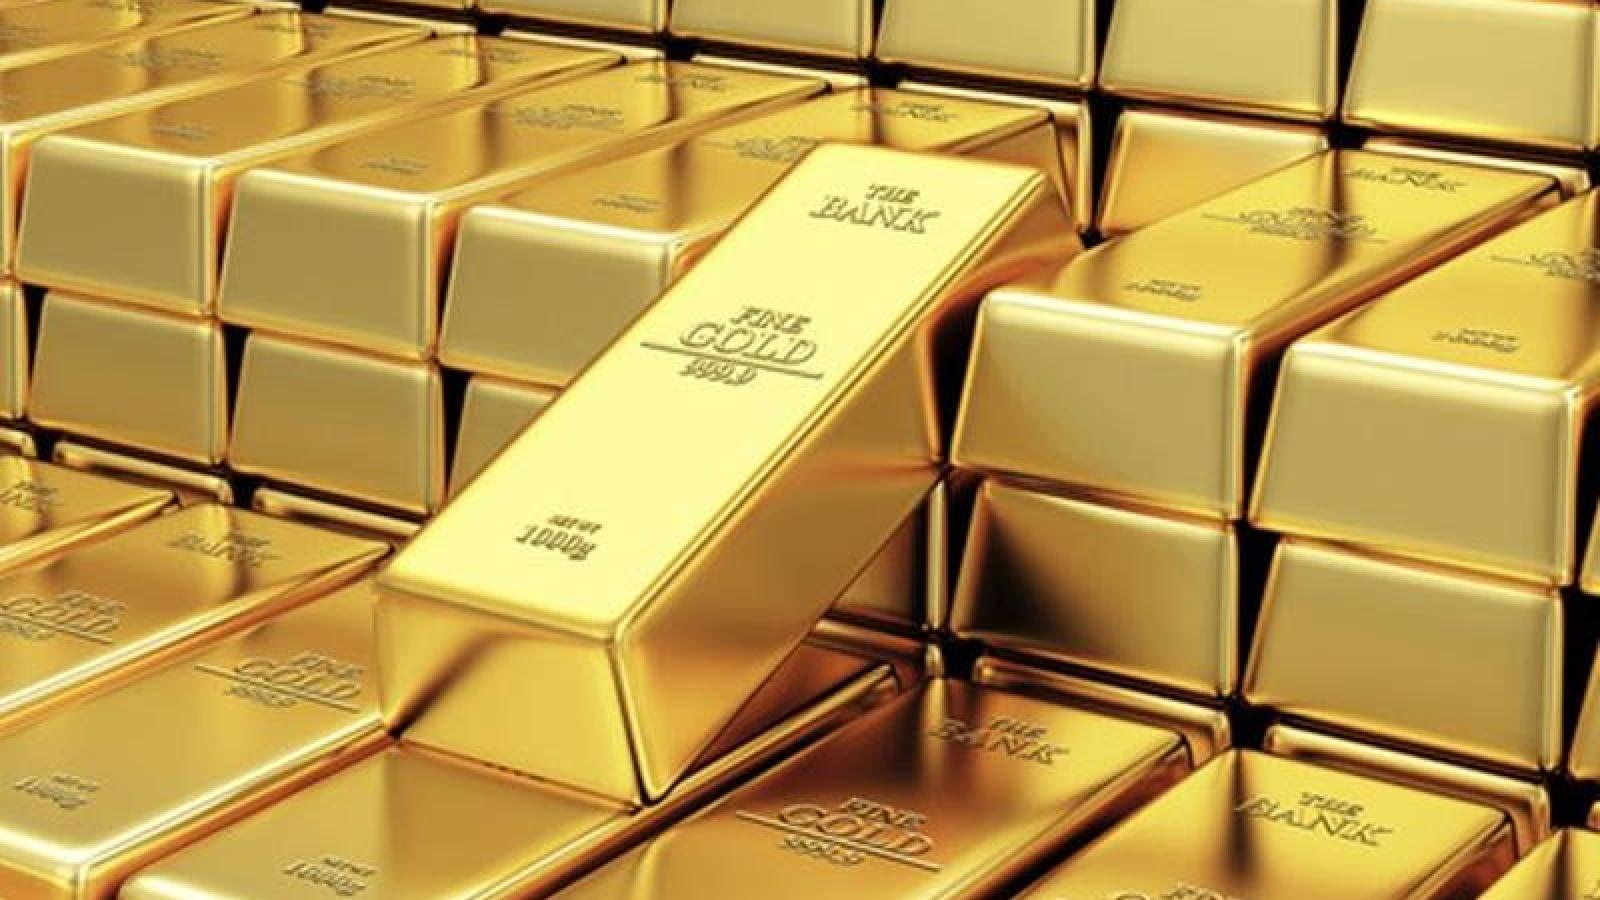 Giá vàng thế giới tăng nhẹ, trong nước ổn định